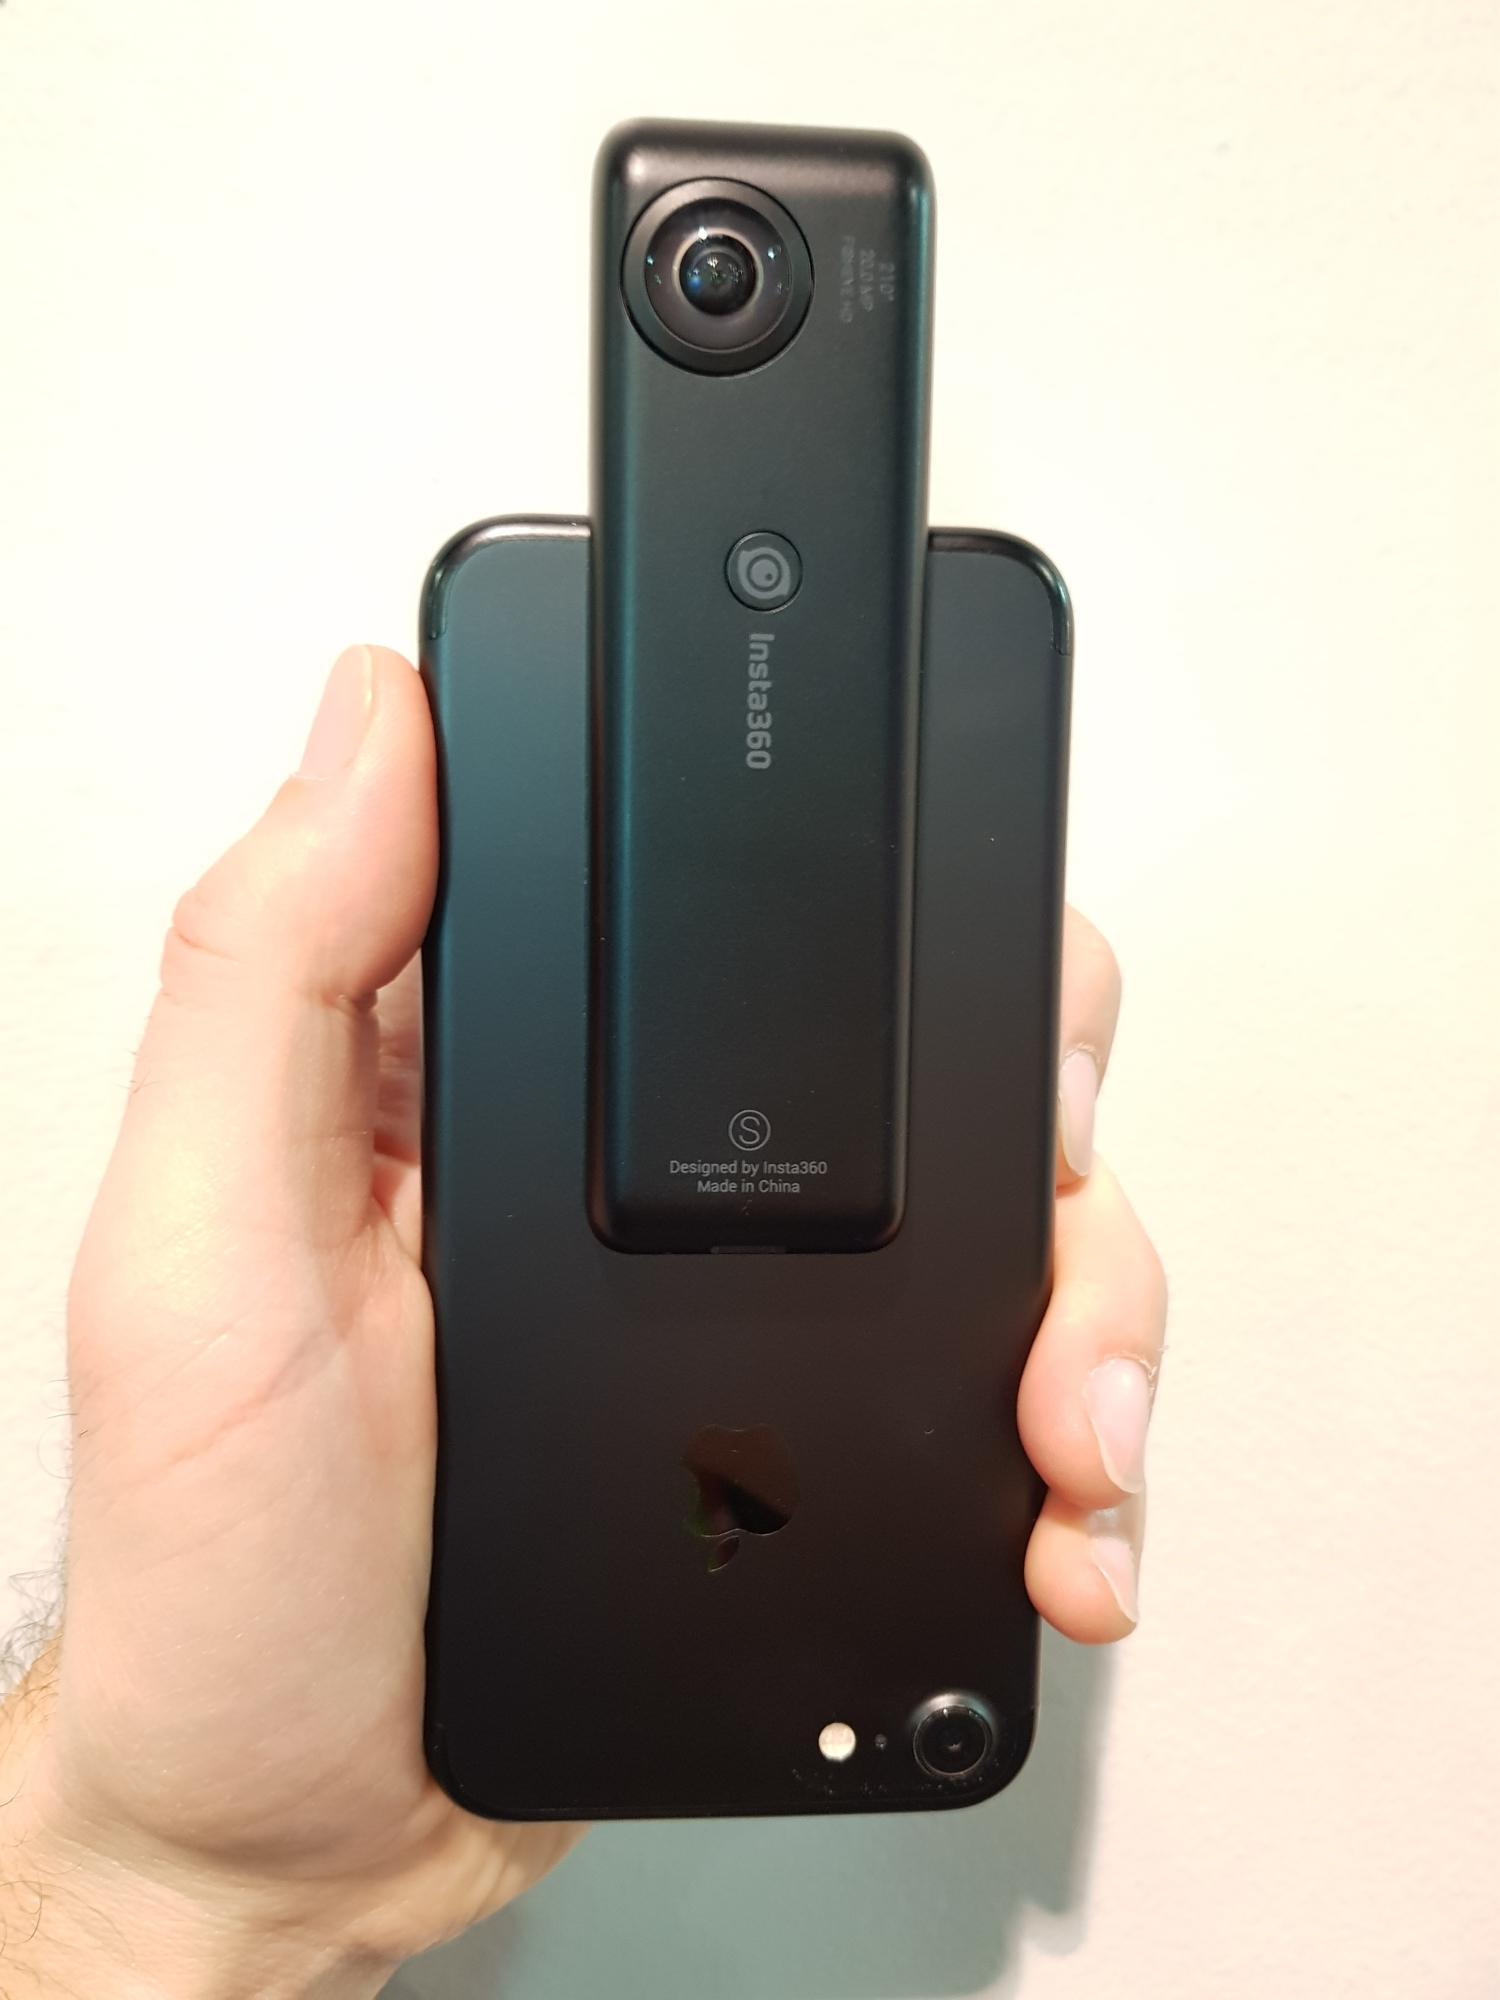 Über die Lightning-Schnittstelle wird die Kamera mit dem iPhone verbunden.